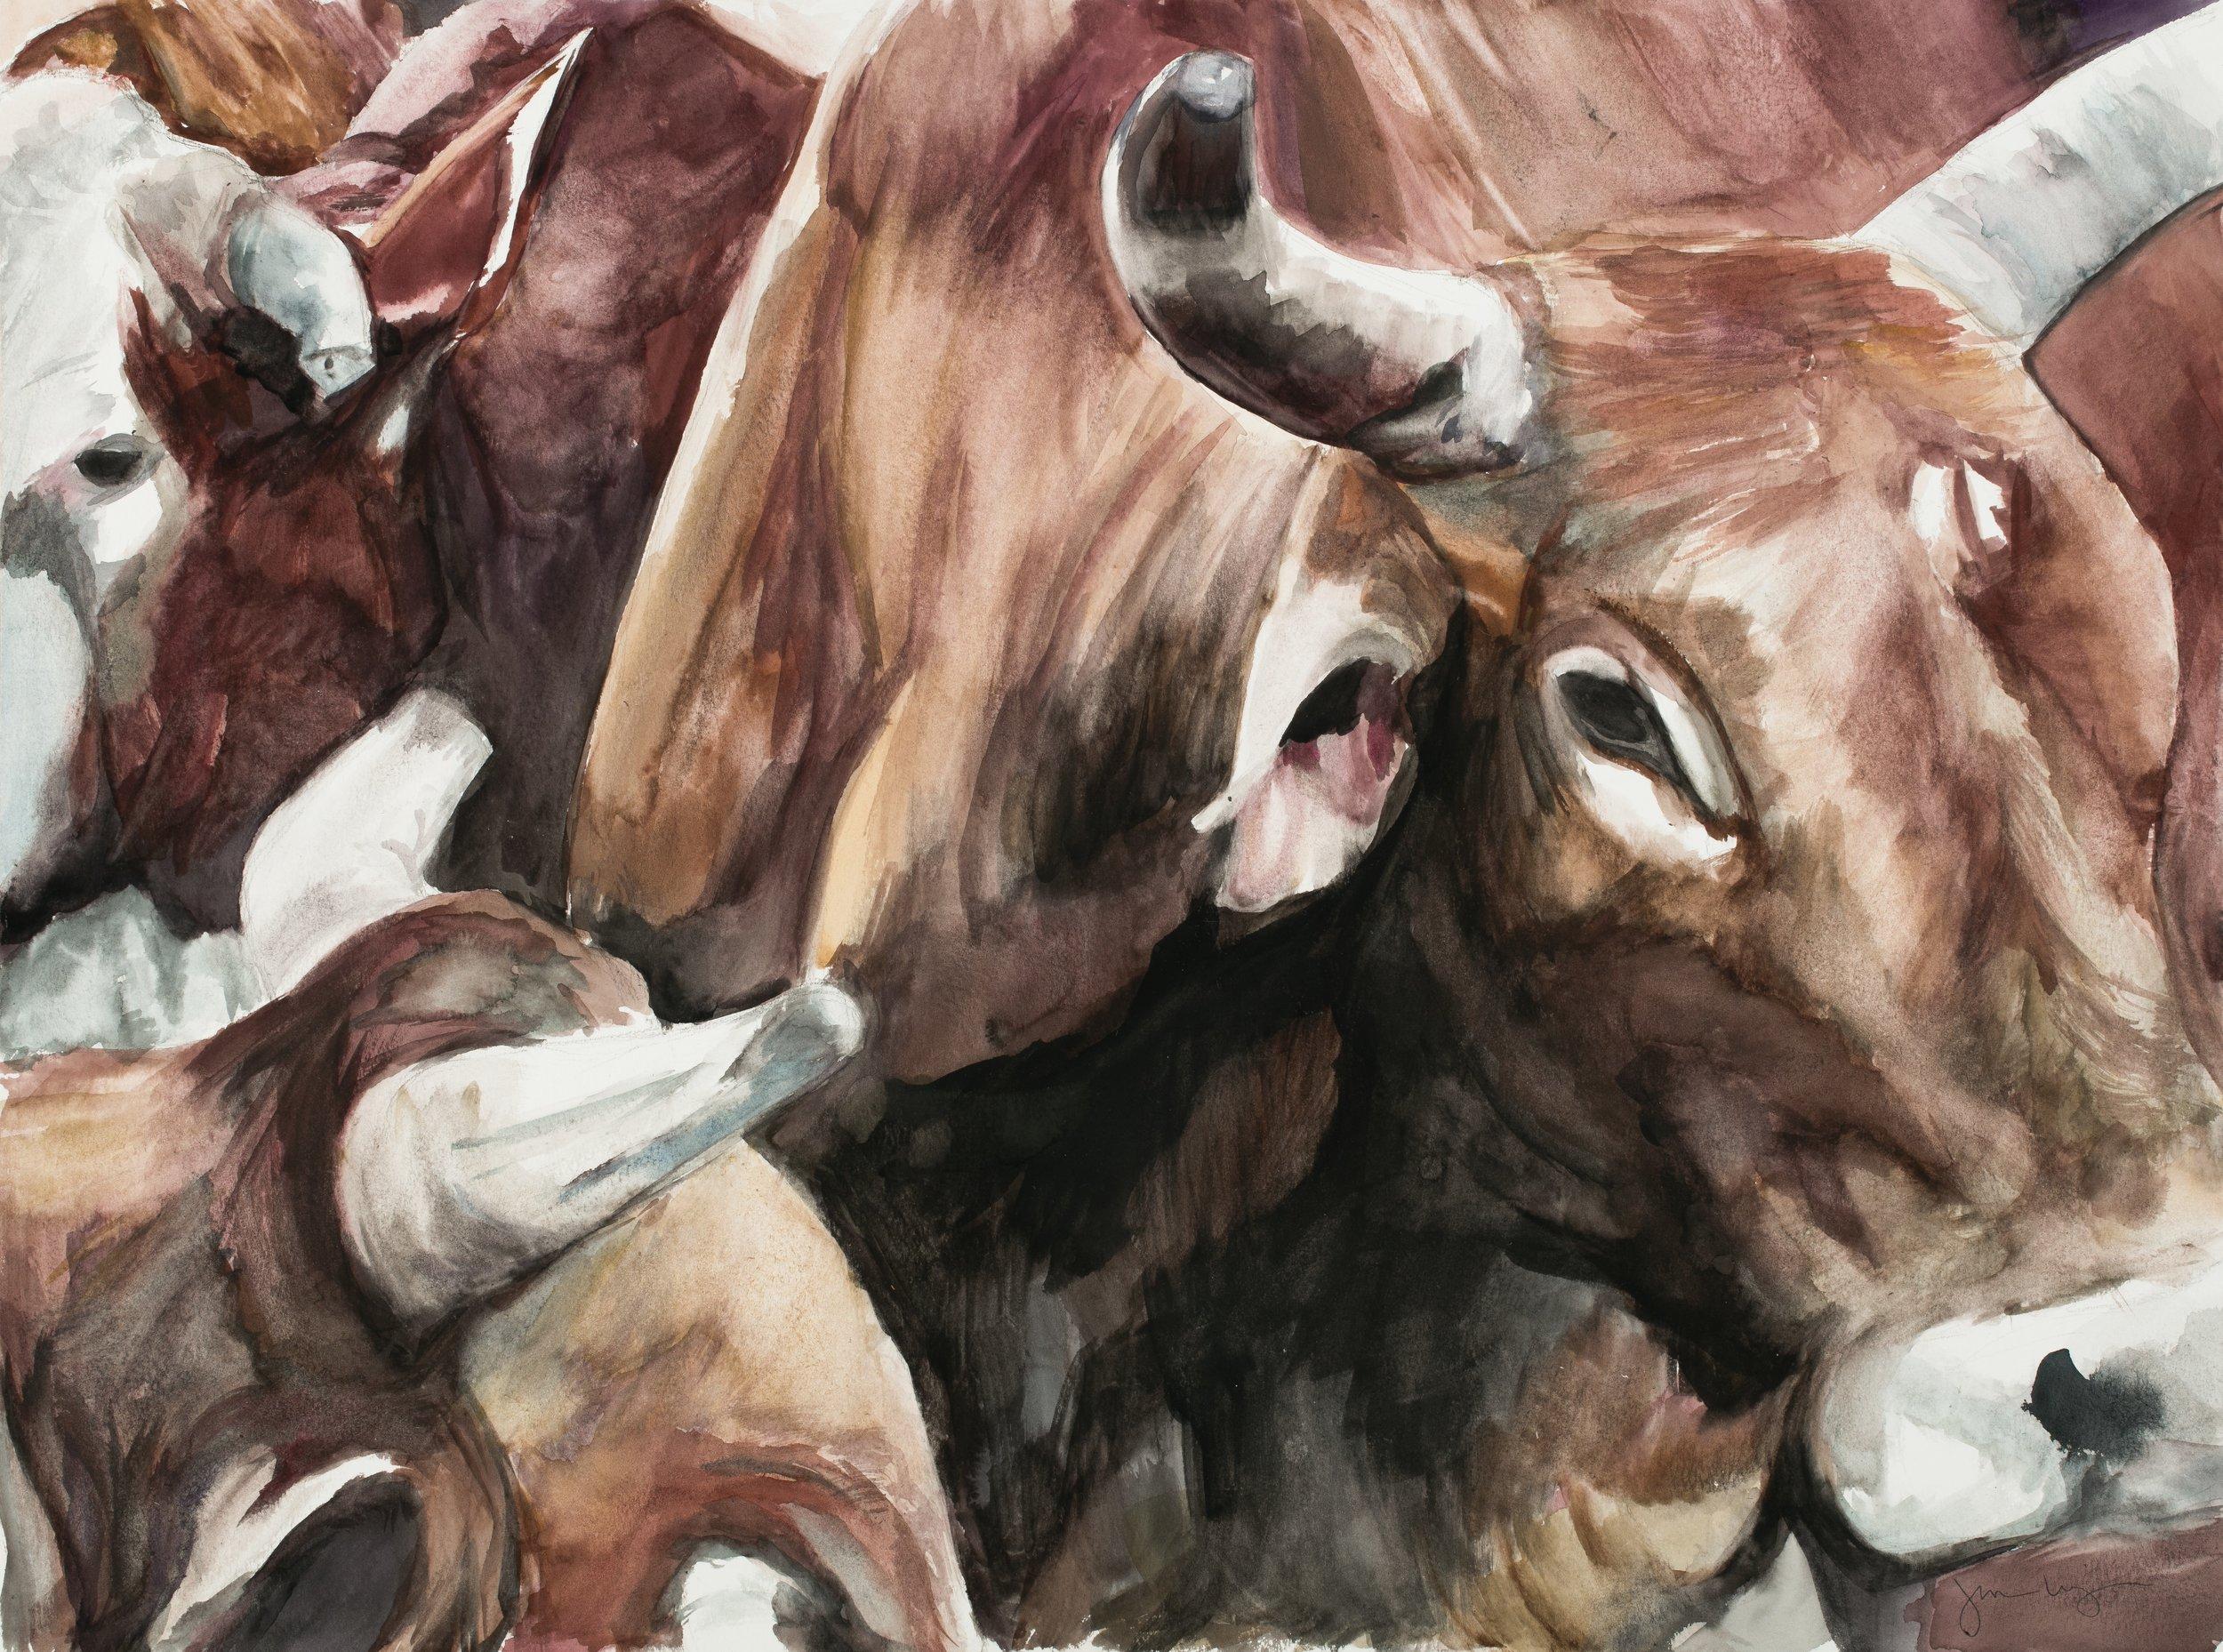 Brahman Steers